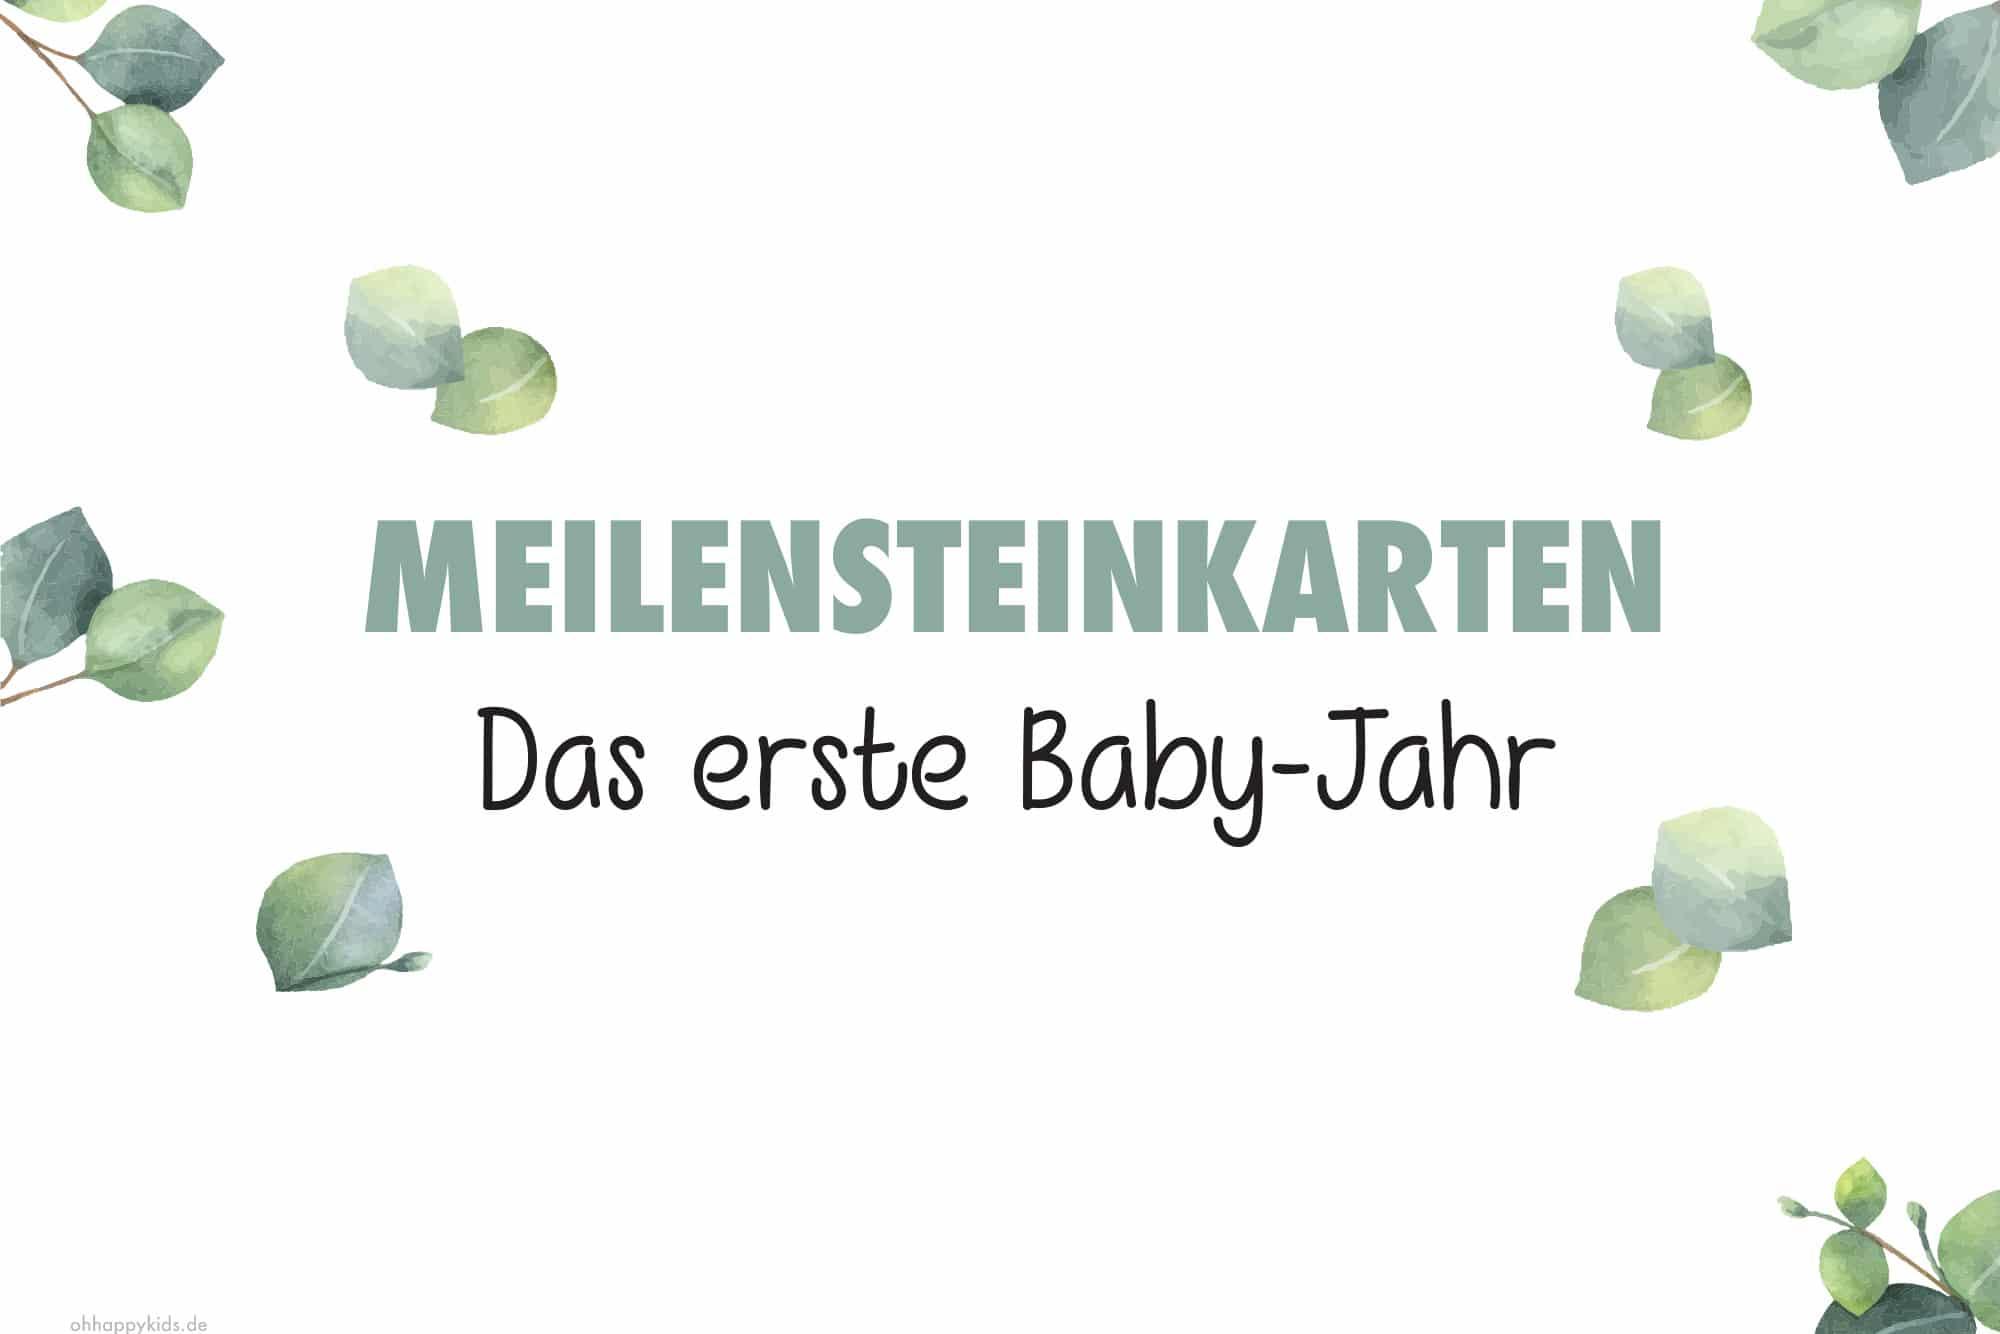 Meilensteinkarten - Das erste Baby-Jahr